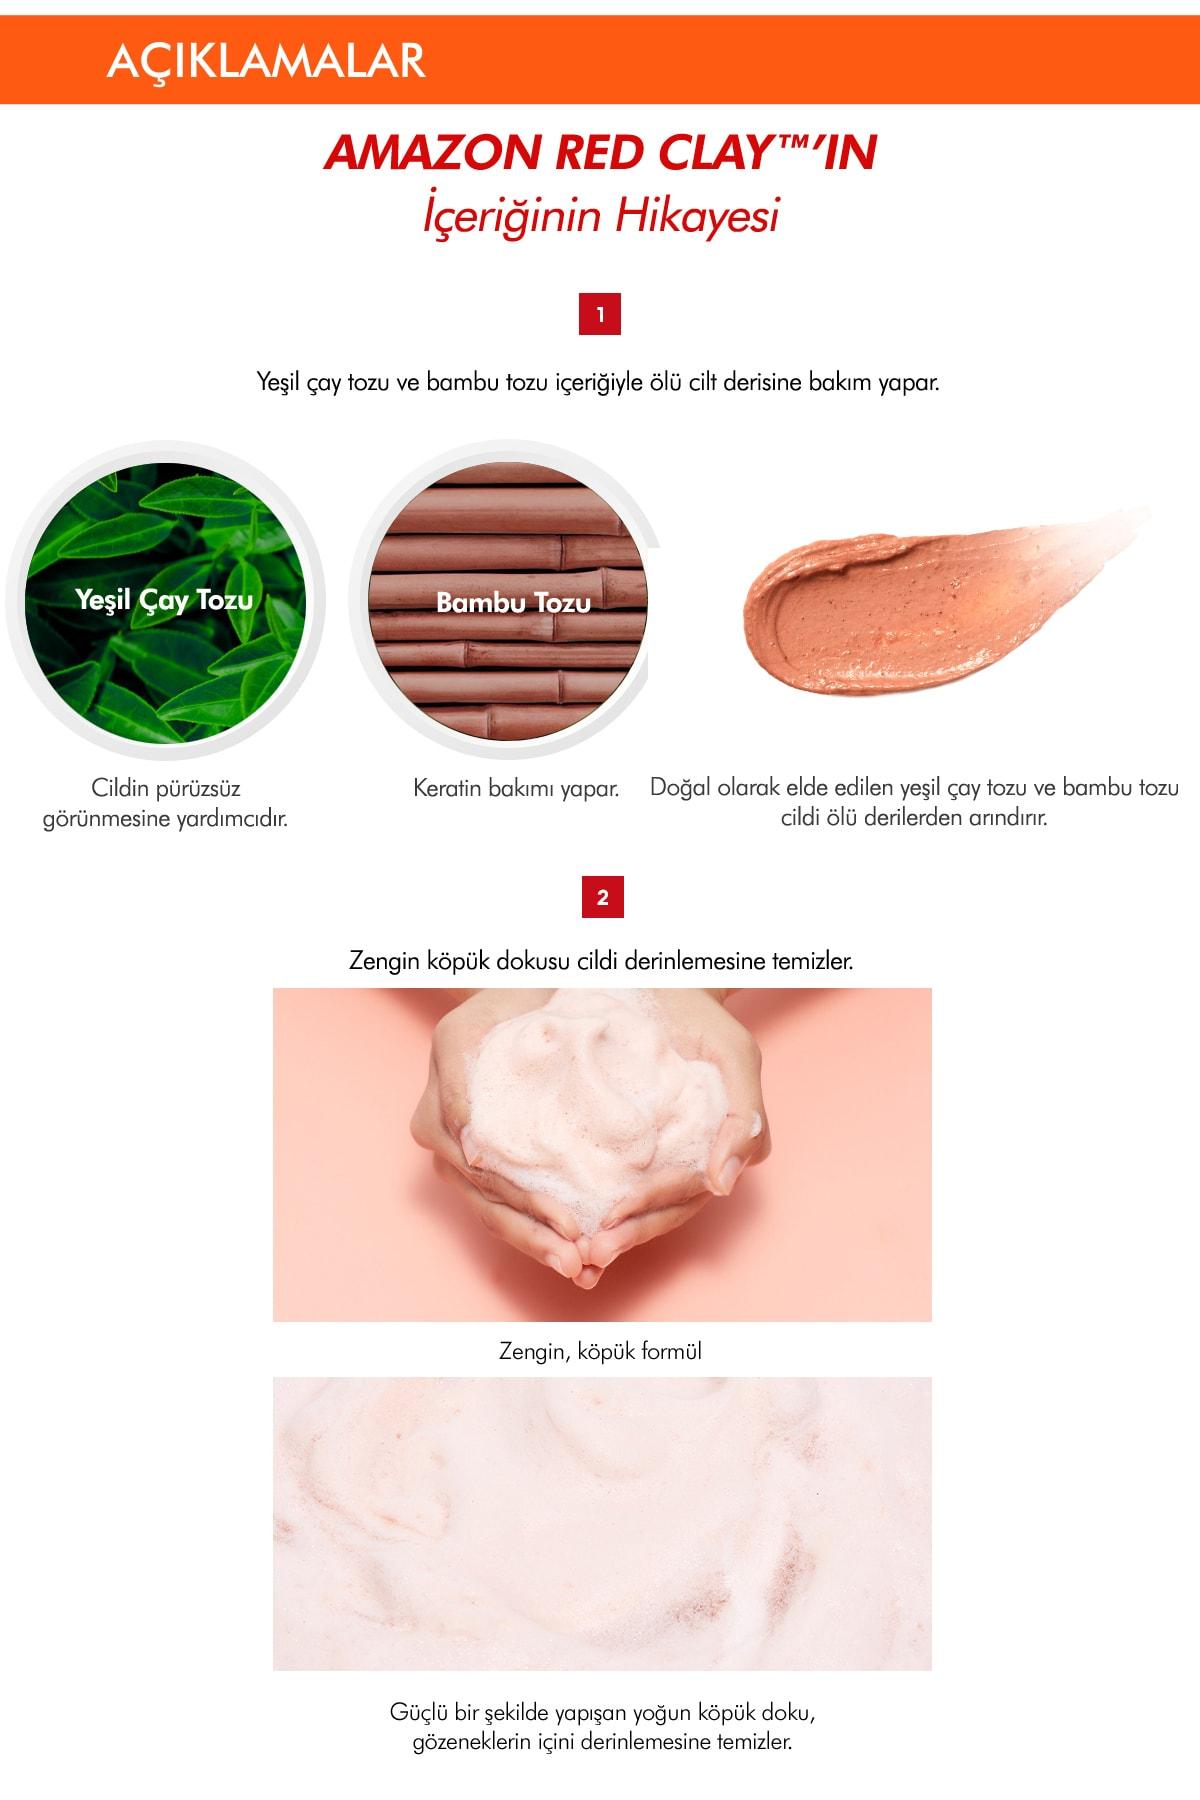 Missha Gözenekli Ciltler İçin Amazon Kili Temizleyici 120ml Amazon Red Clay Pore Pack Foam Cleanser 4